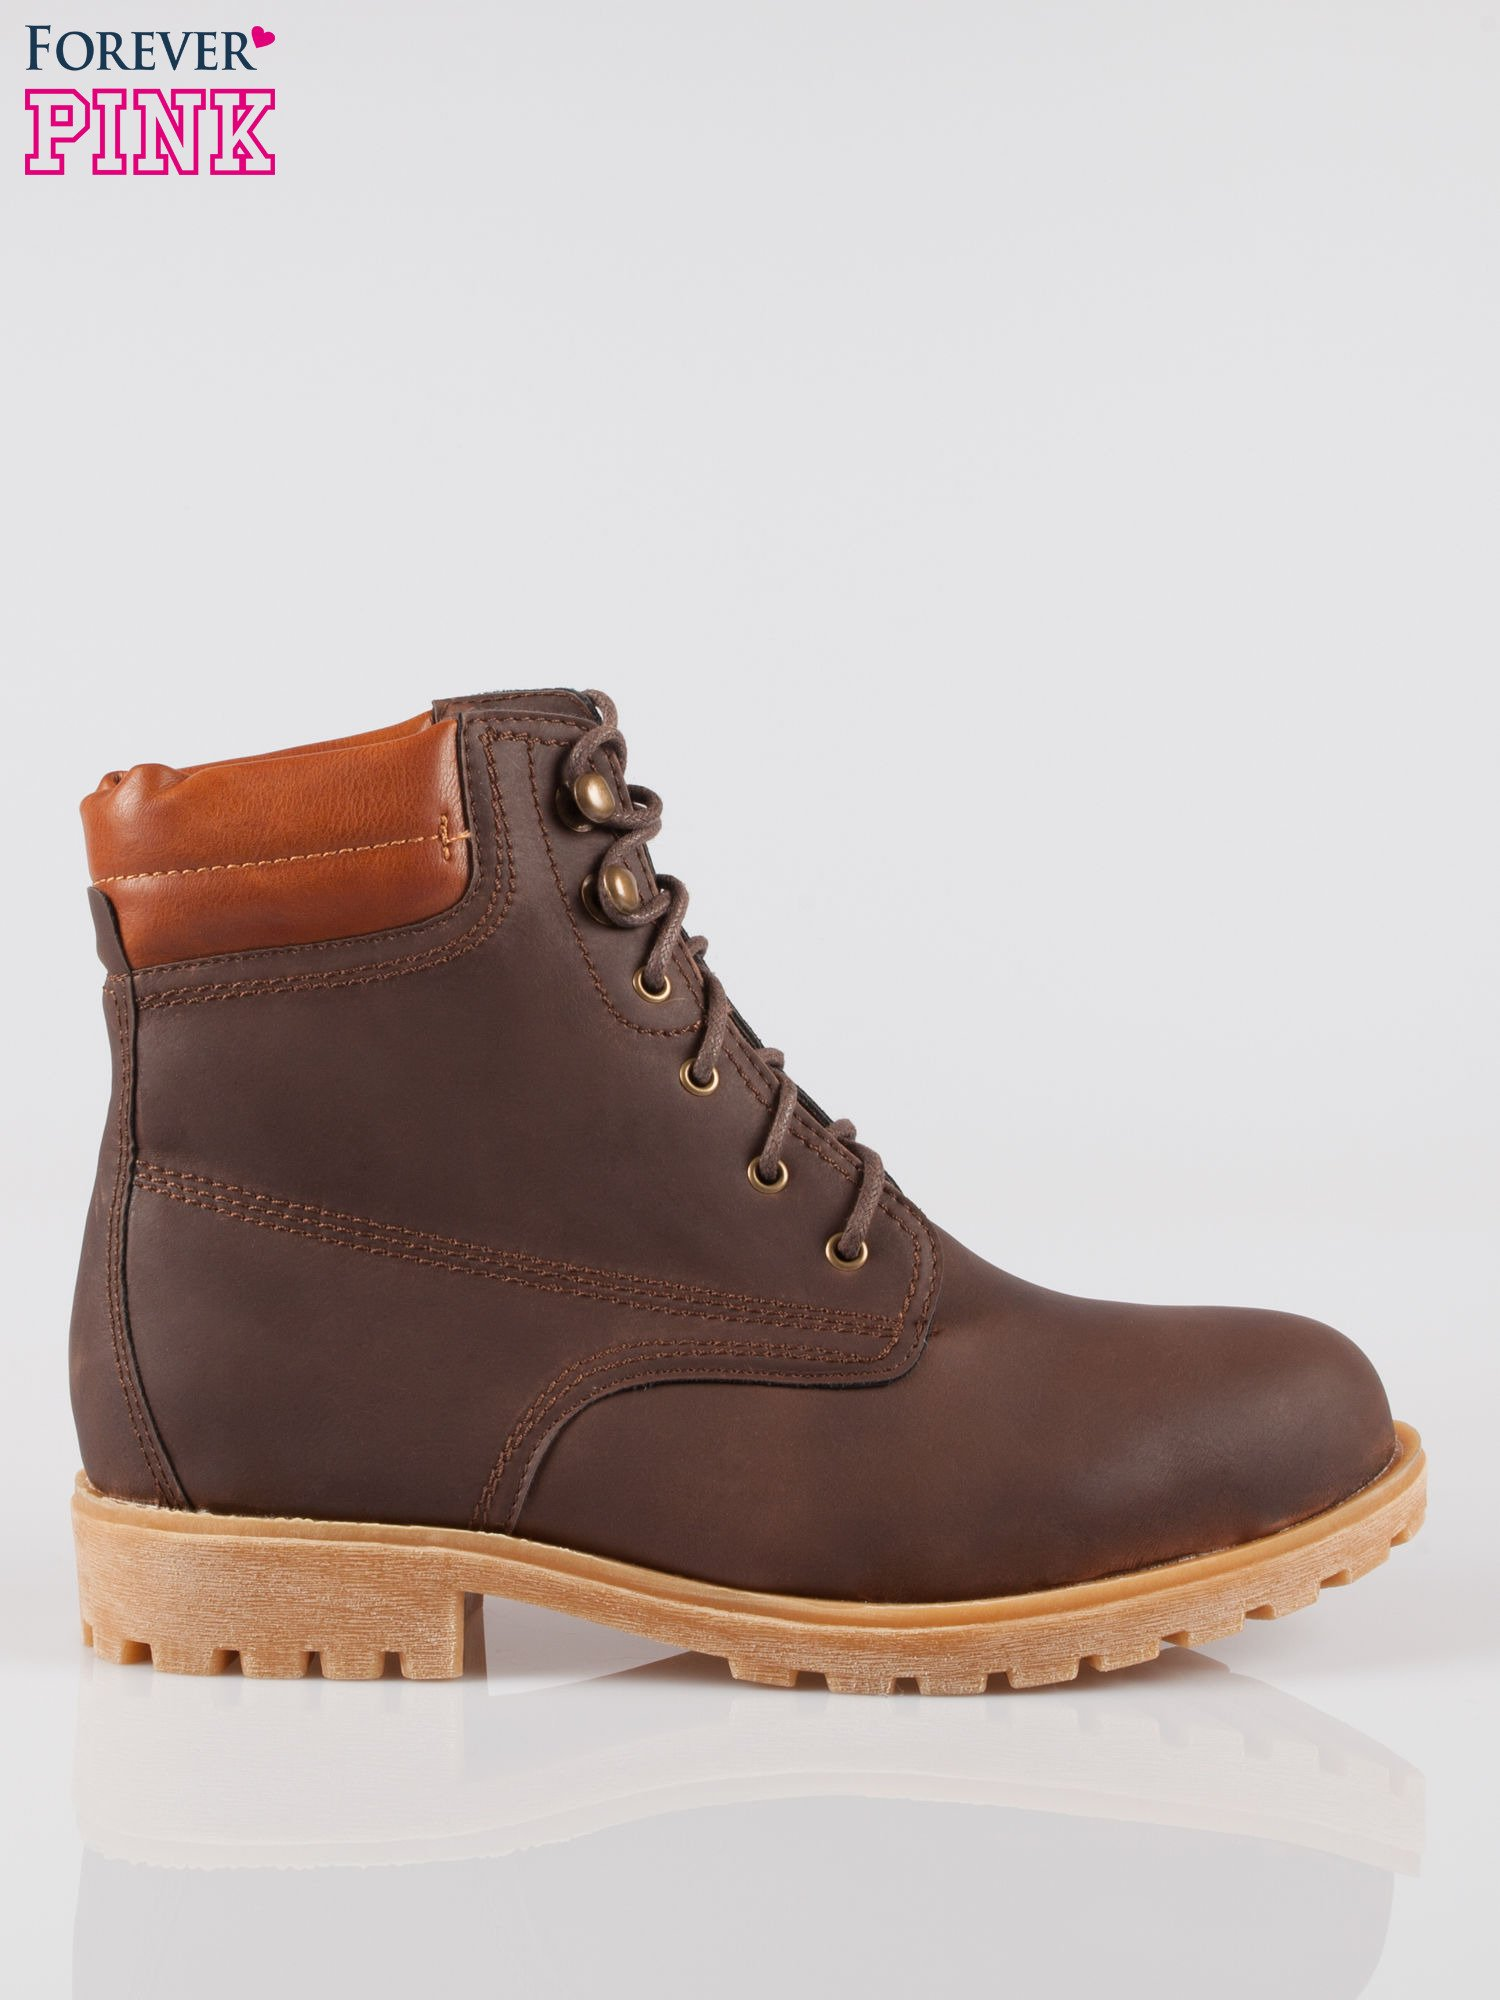 Ciemnobrązowe buty trekkingowe damskie typu traperki                                  zdj.                                  1